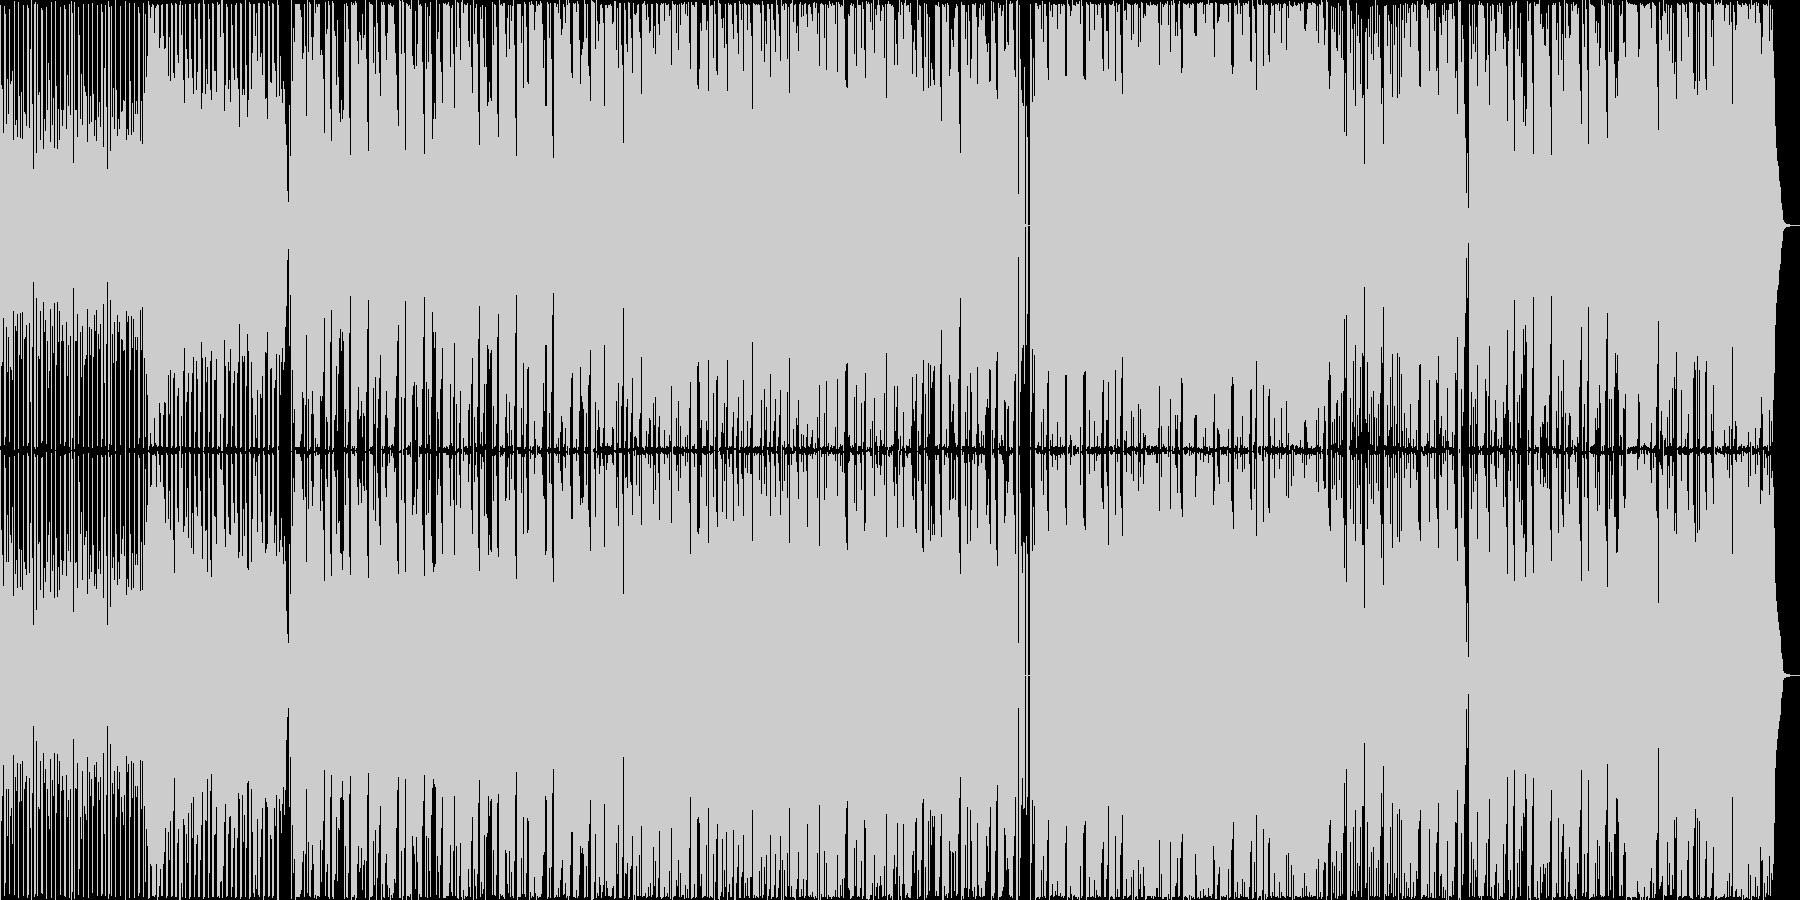 生楽器を使用した疾走感のあるBGMの未再生の波形